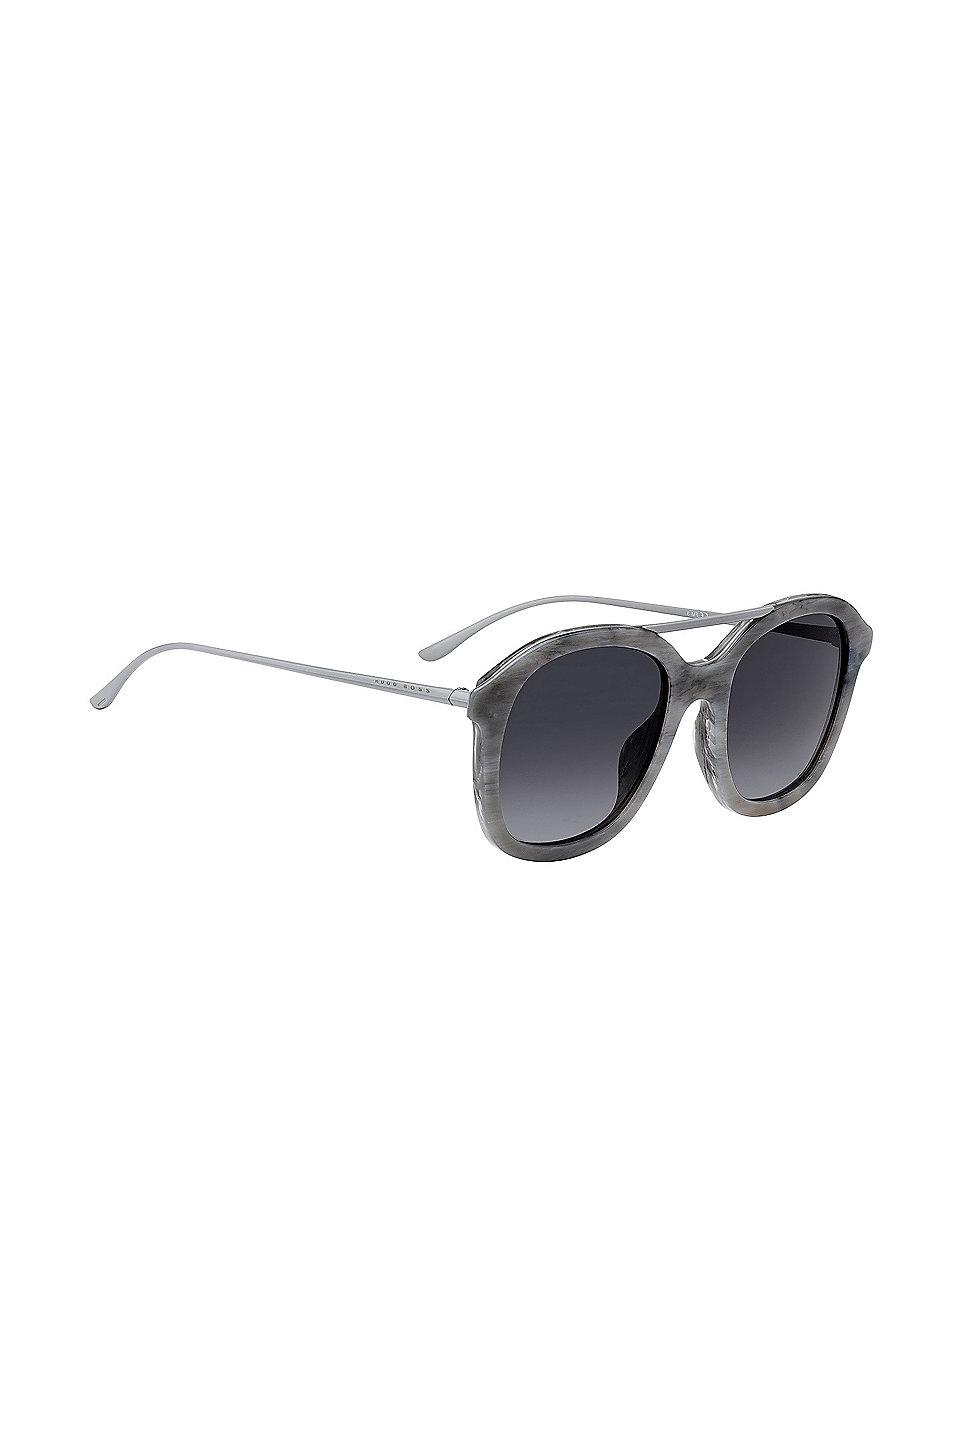 Sonnenbrille mit gemusterter Acetat-Fassung WpCEFRiB